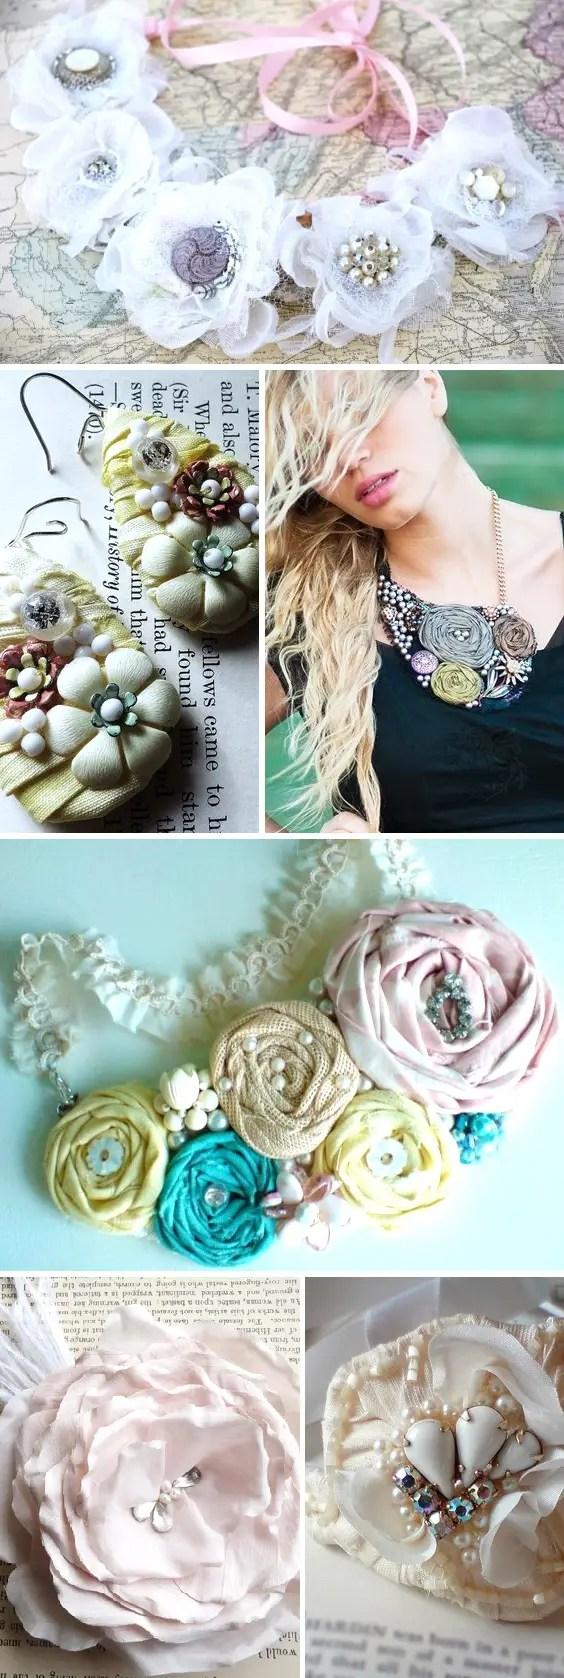 rosette bib necklaces